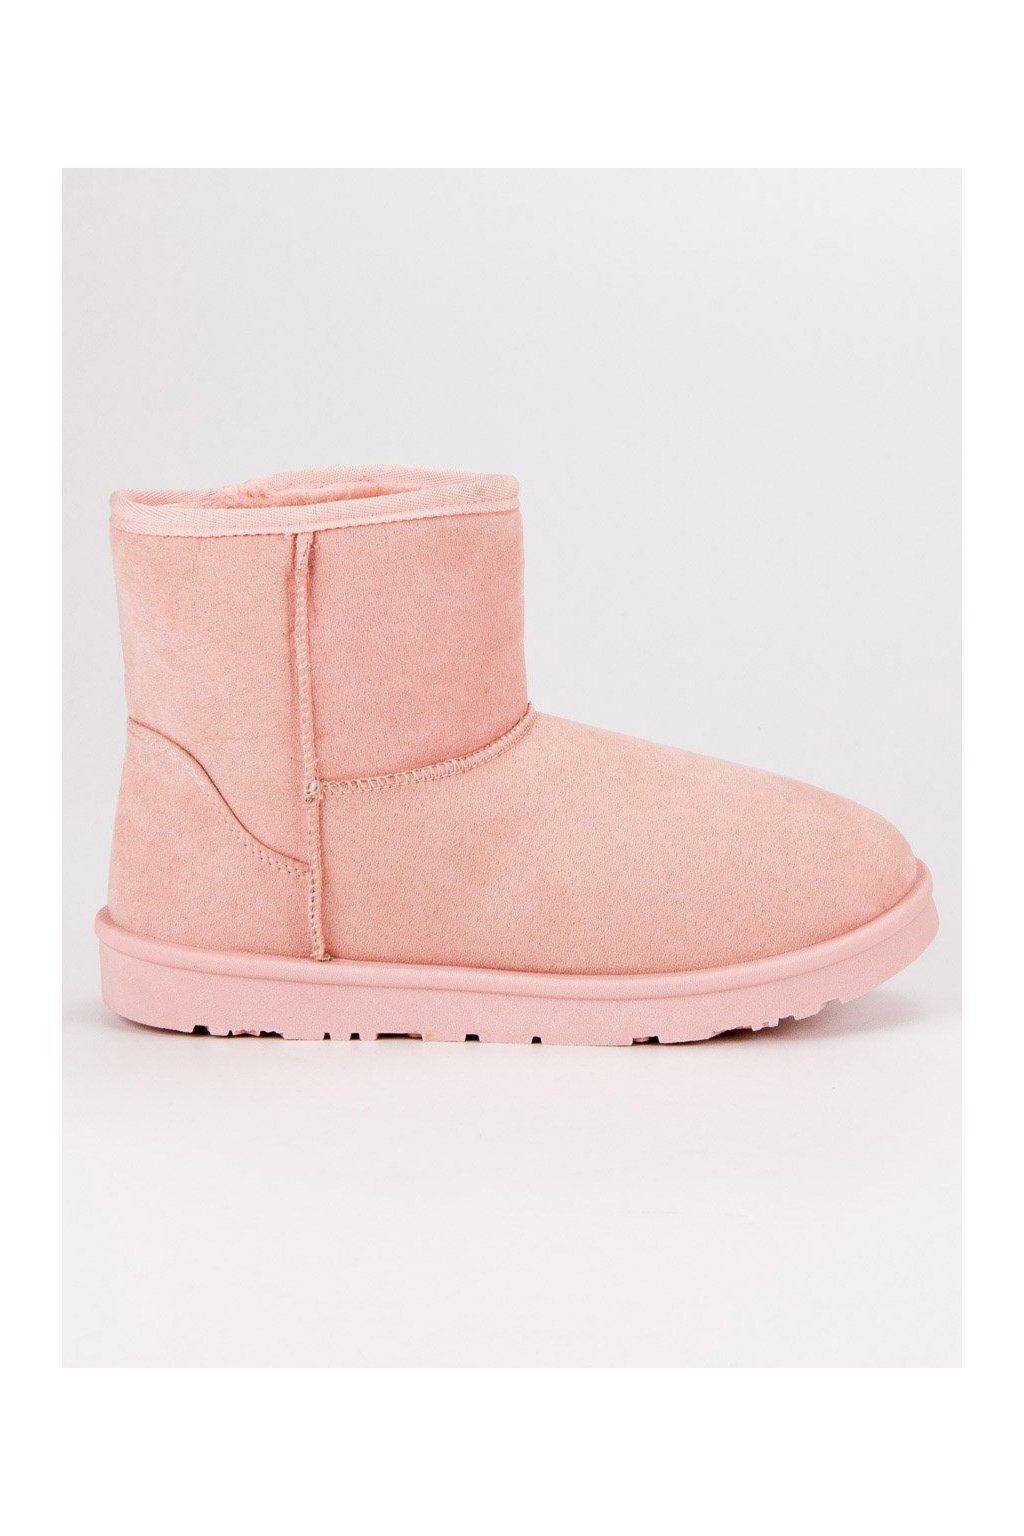 Ružové snehule semišové VICES